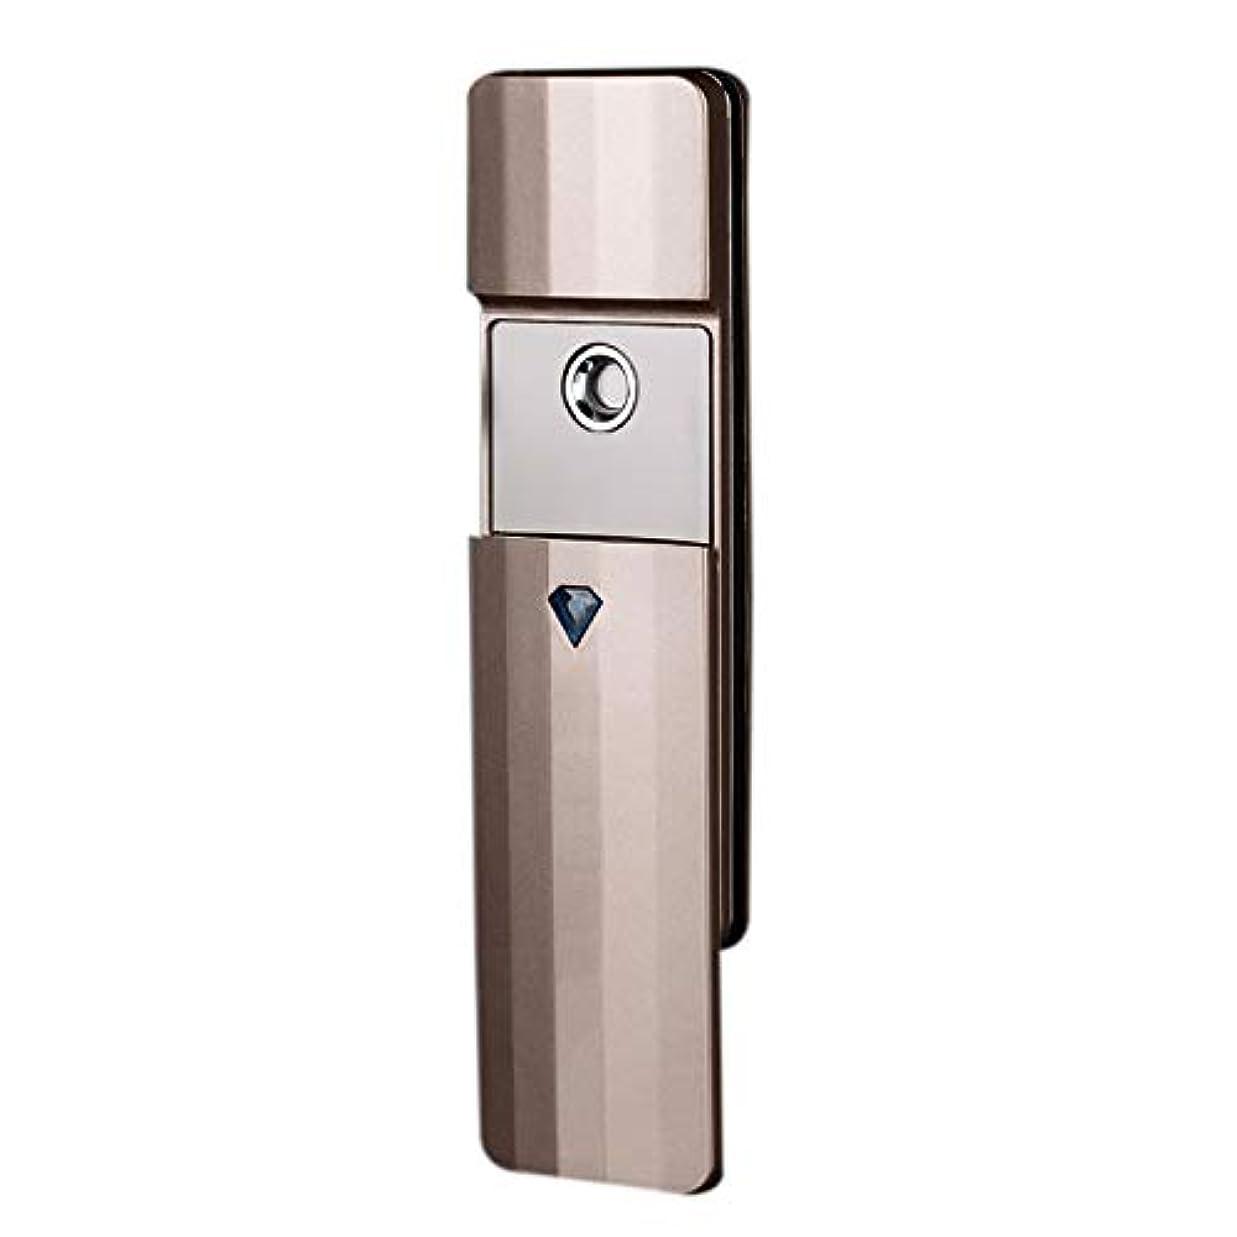 望む横たわる突然SODIAL 携帯用ナノ?スプレー、噴霧、便利なフェイシャル?スチーマー、噴霧器、Usb充電式面部保湿水和スプレー装置、美容器具(ゴールド)